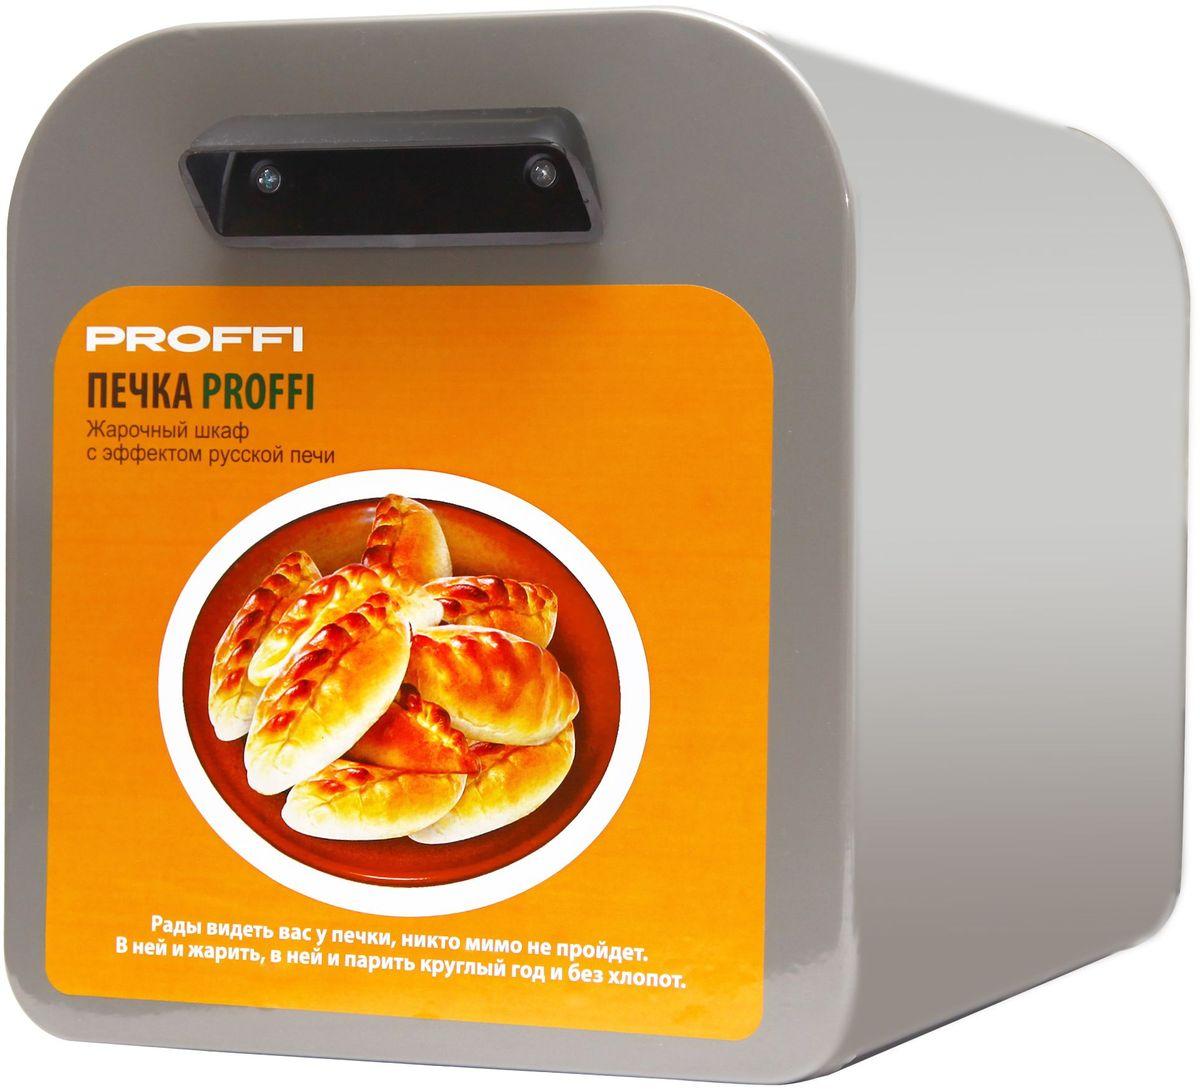 Печка Proffi. PH756768/5/4Печка PROFFI предназначена для выпечки в домашних условиях различных изделий из теста, а также для запекания картофеля и приготовления блюд из мяса, птицы, рыбы. Также в нем можно сушить ягоды, грибы и фрукты. Эффект русской печки.Основные преимущества: 1. Высокие вкусовые качества приготовленных блюд. 2. Увеличенный срок службы (до 20 лет). 3. Гарантийный срок - 24 месяца. 4. Низкое энергопотребление.5. Отсутствие микроволн. 6. Легкость и простота эксплуатации. Технические характеристики:Размер жарочного шкафа: 350 x 250 x 280 мм. Внутренние размеры: 315 x 205 x 205 мм. Масса: 6 кг.Номинальное напряжение: 220 В. Номинальная потребляемая мощность: 0,625 кВт. Время разогрева до температуры 250 С: 20 мин.